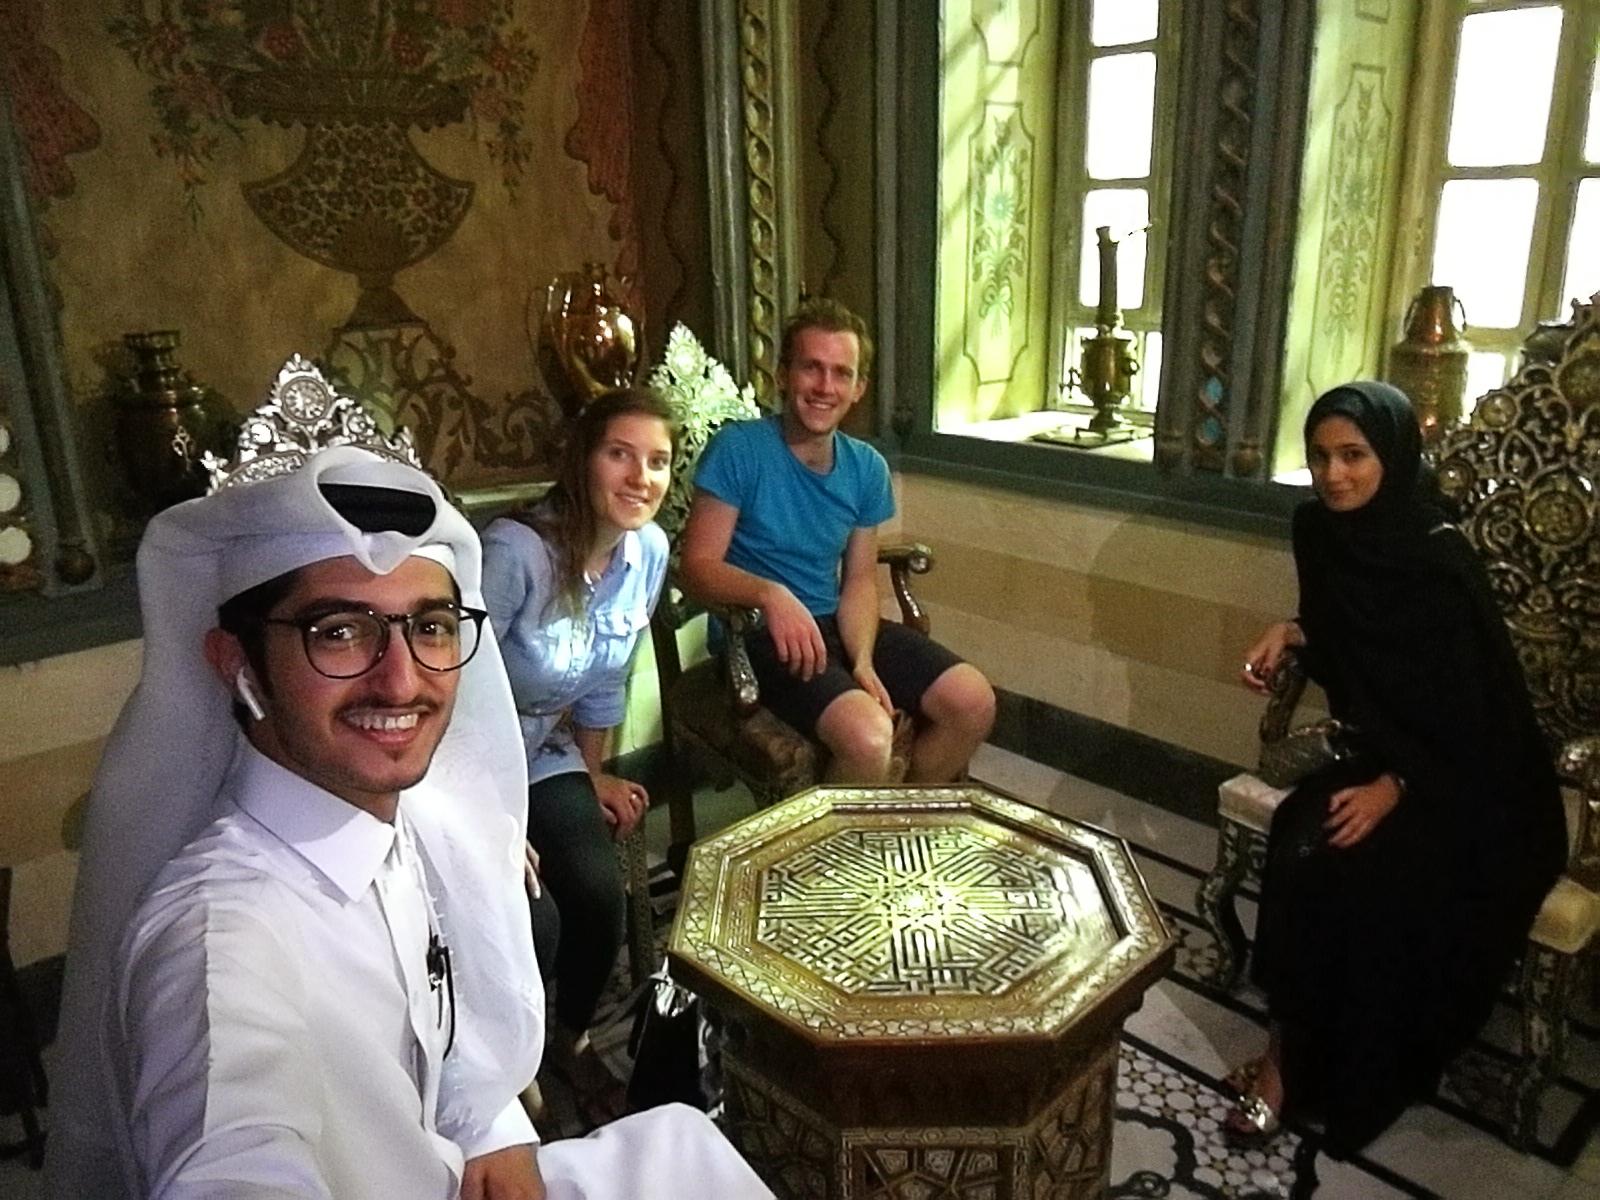 skupina Arabcev in zahodnjakov v dnevni sobi